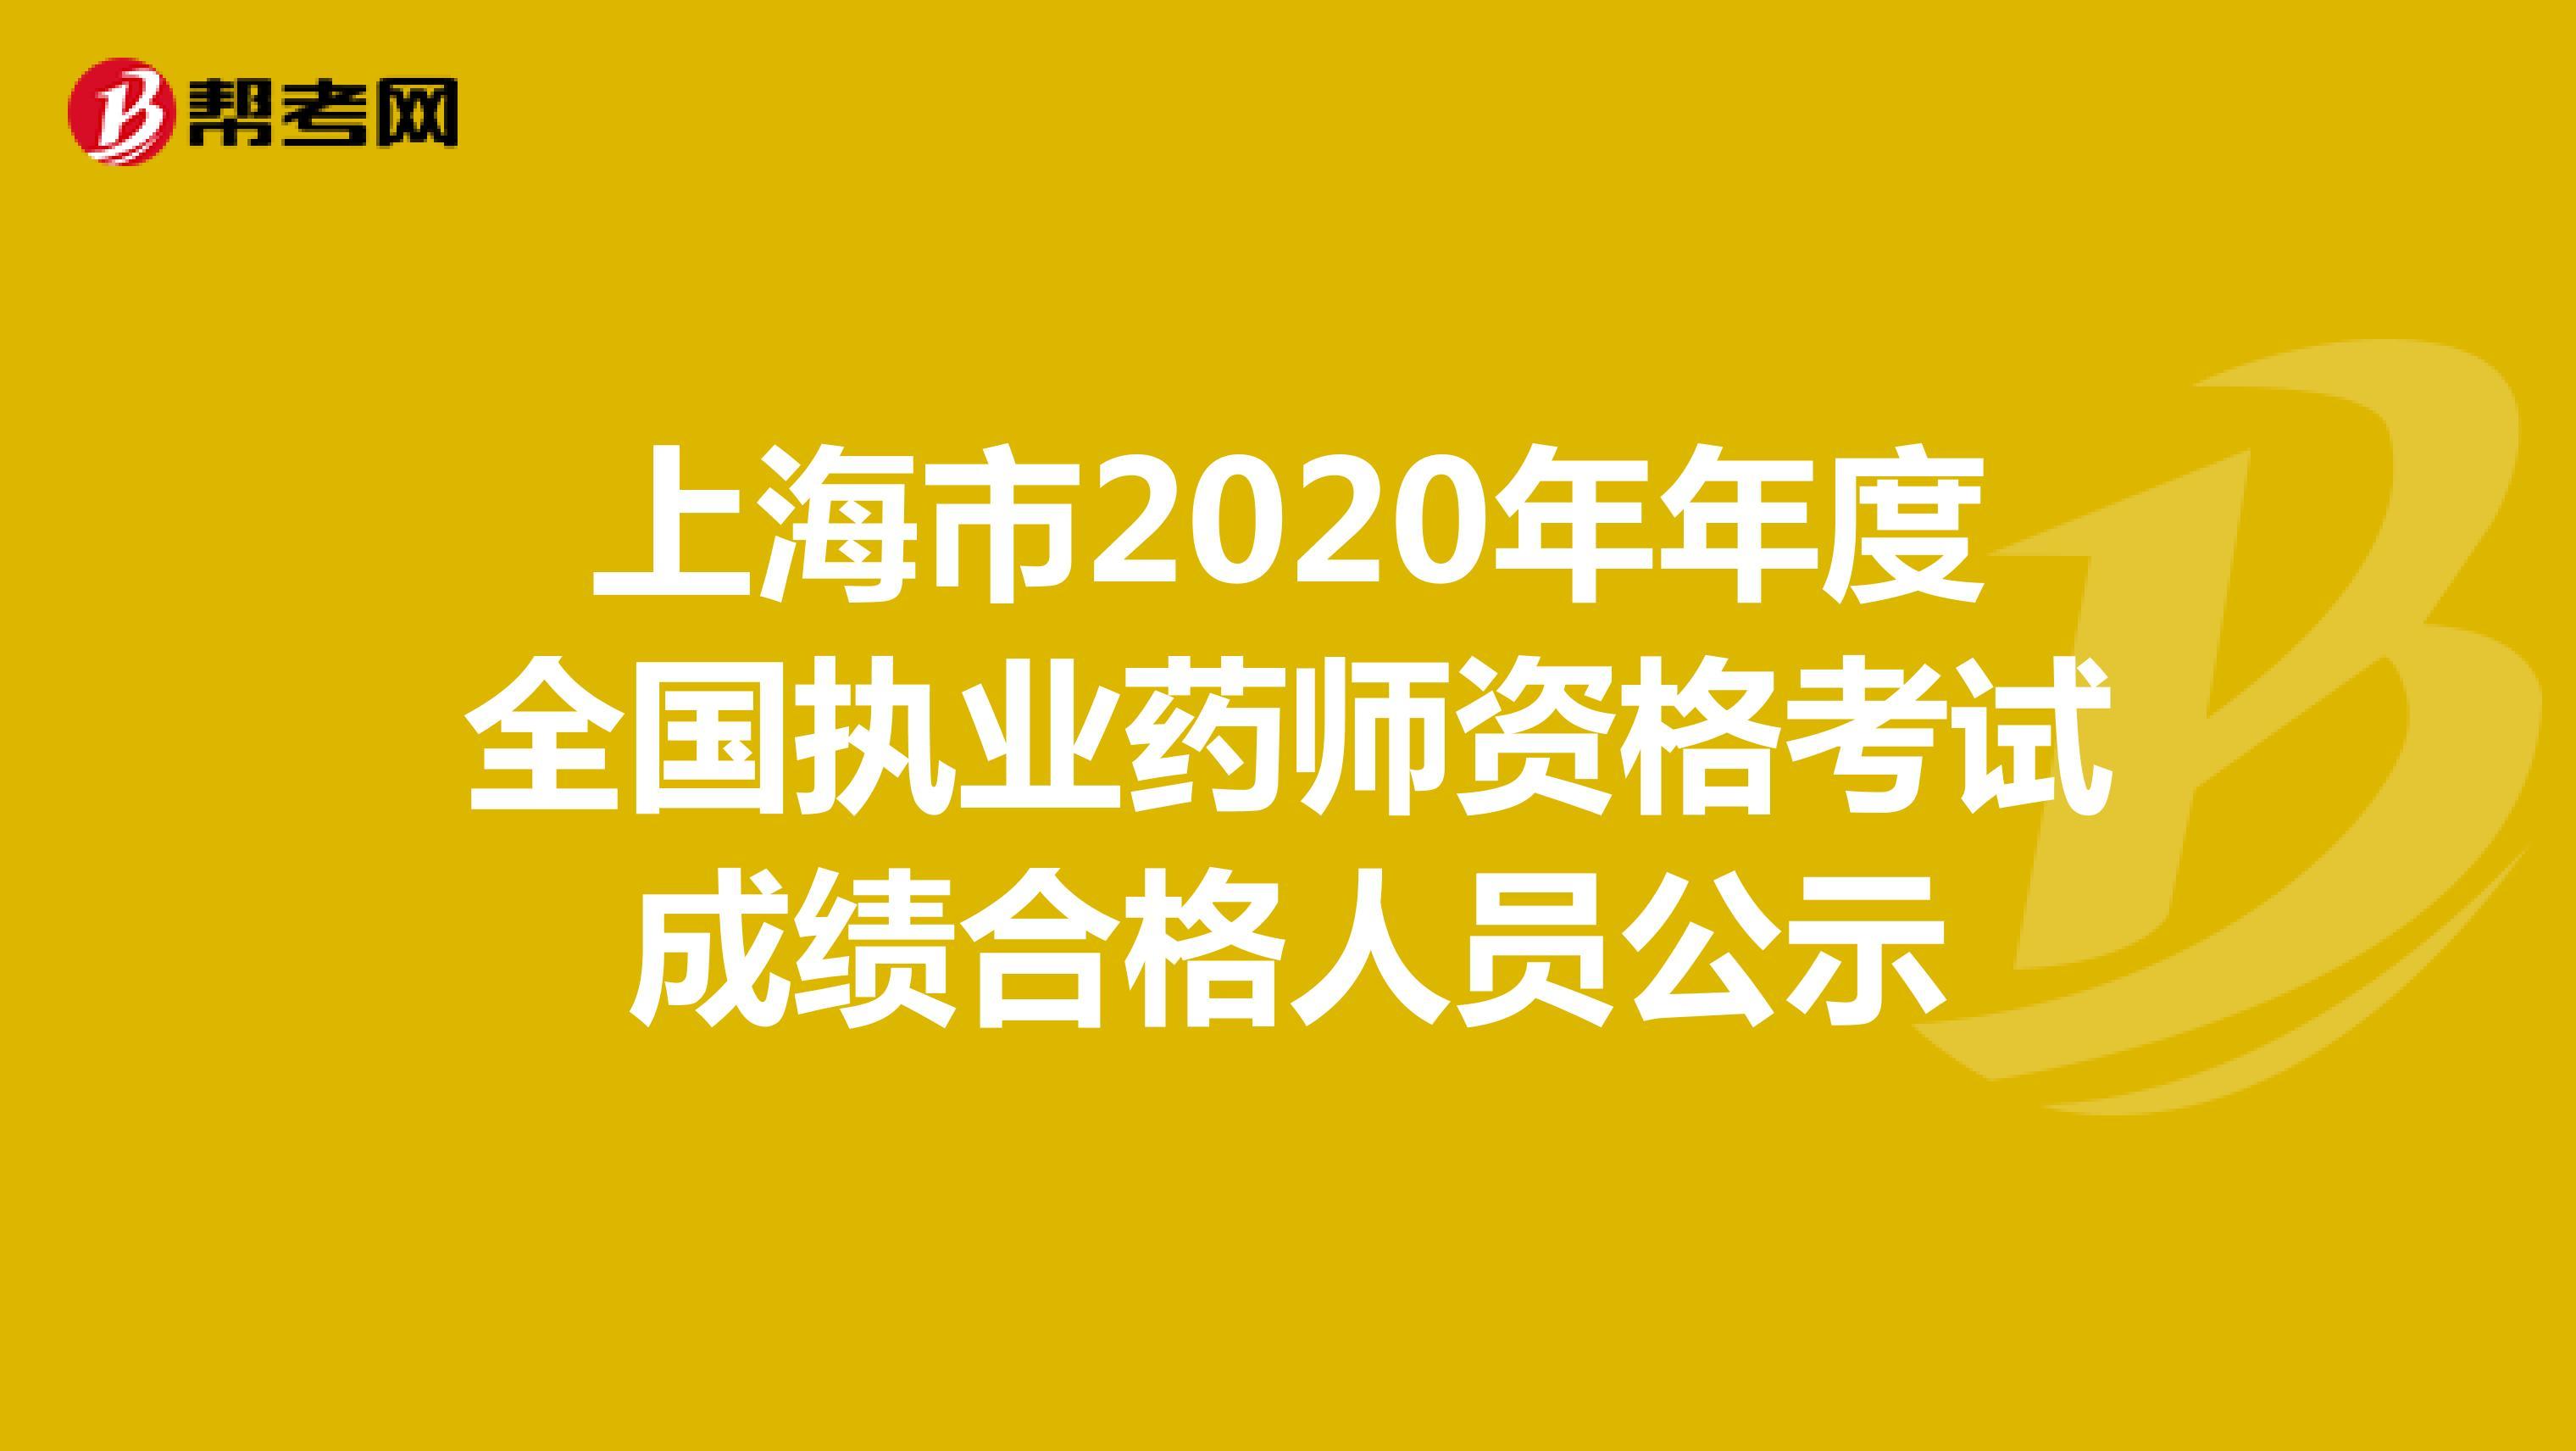 上海市2020年年度全国执业药师资格考试成绩合格人员公示